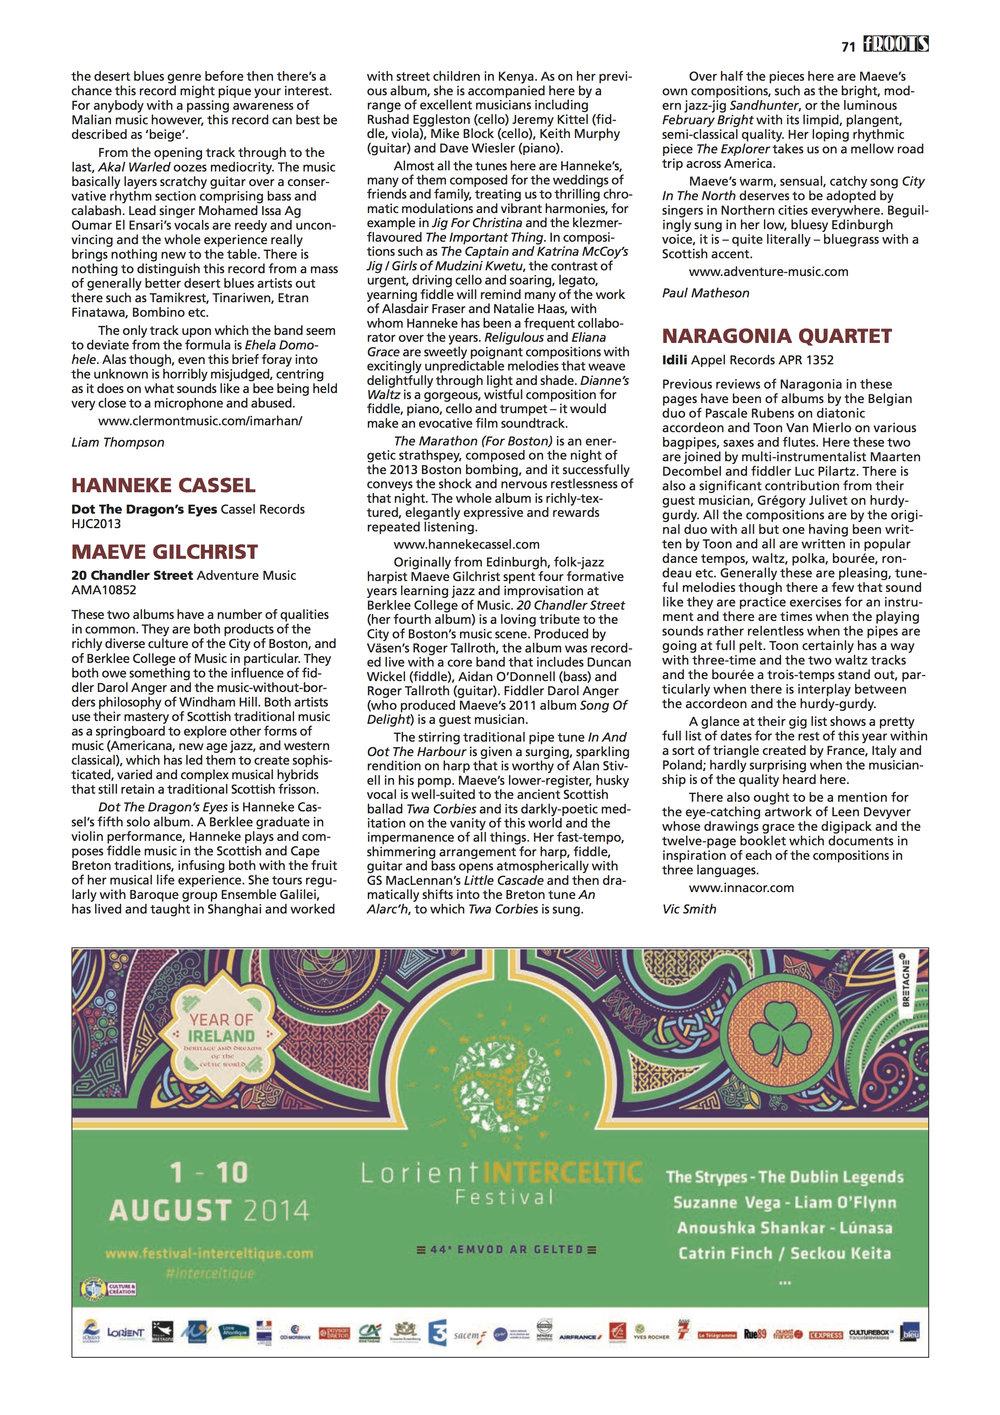 hannekefR373 REVIEWS PAGE 71.jpg